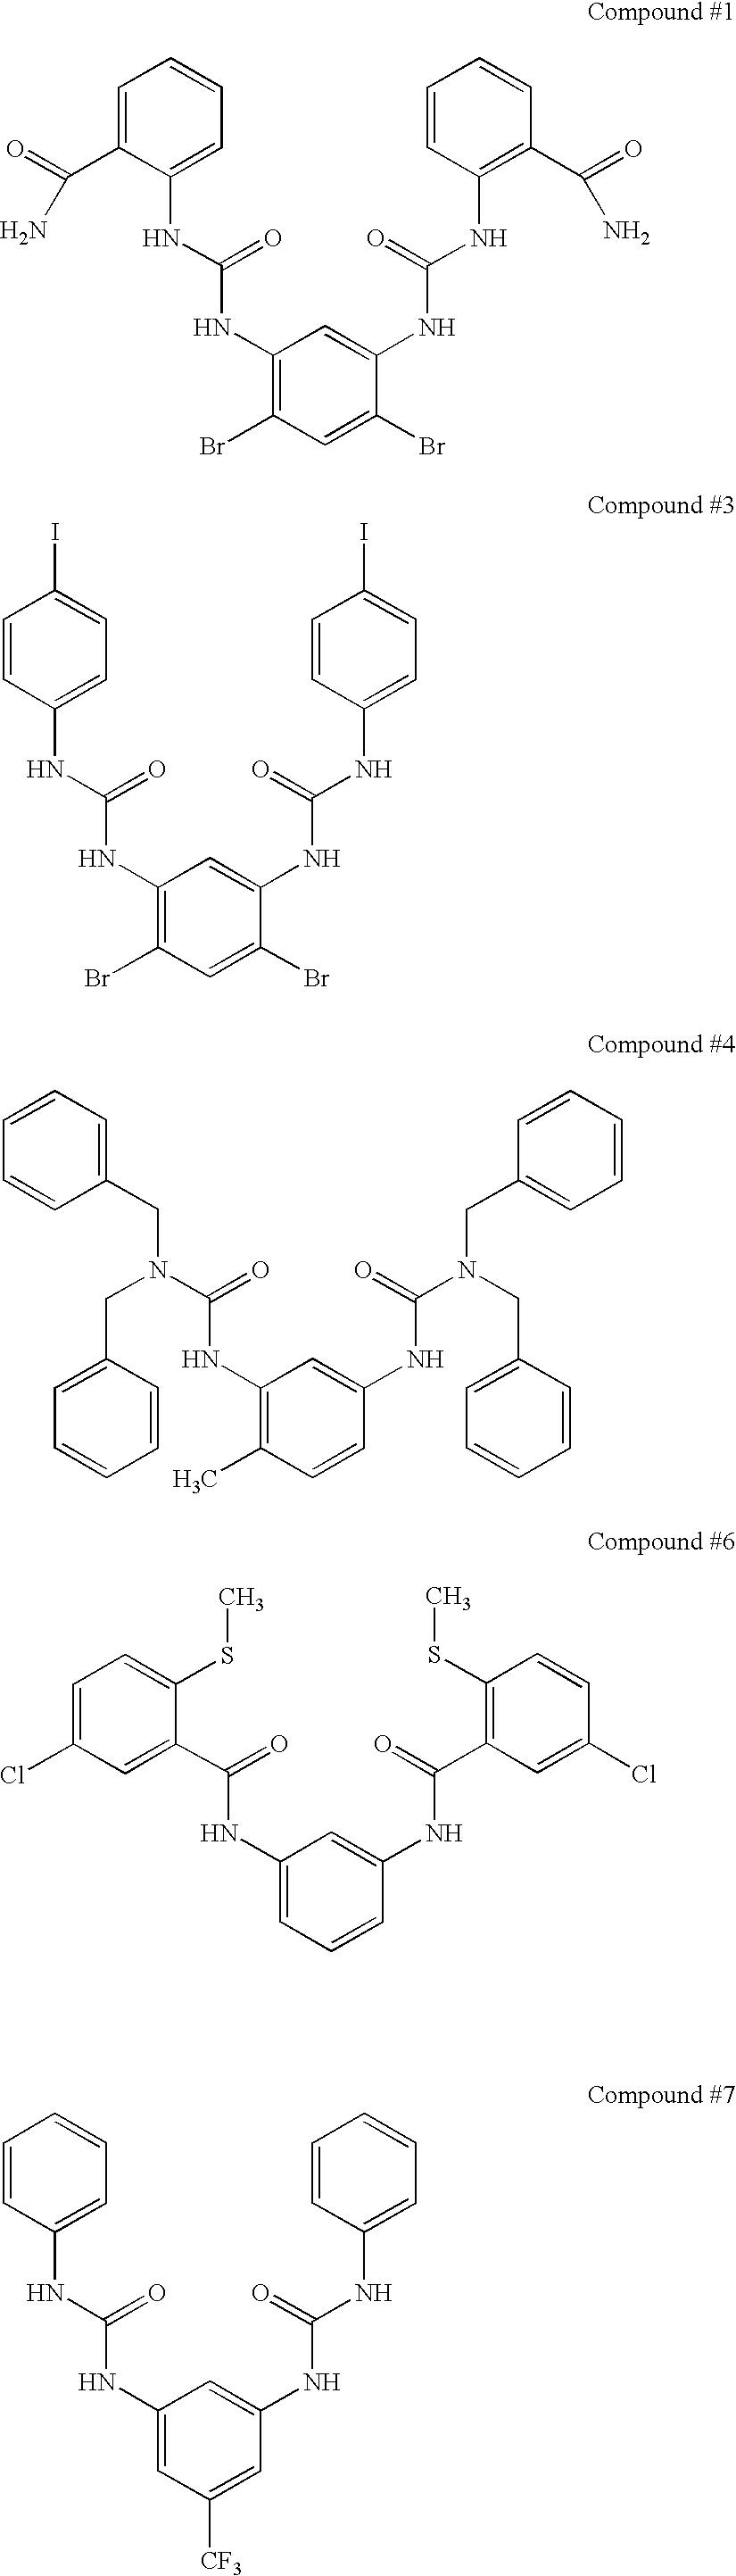 Figure US20030055009A1-20030320-C00003